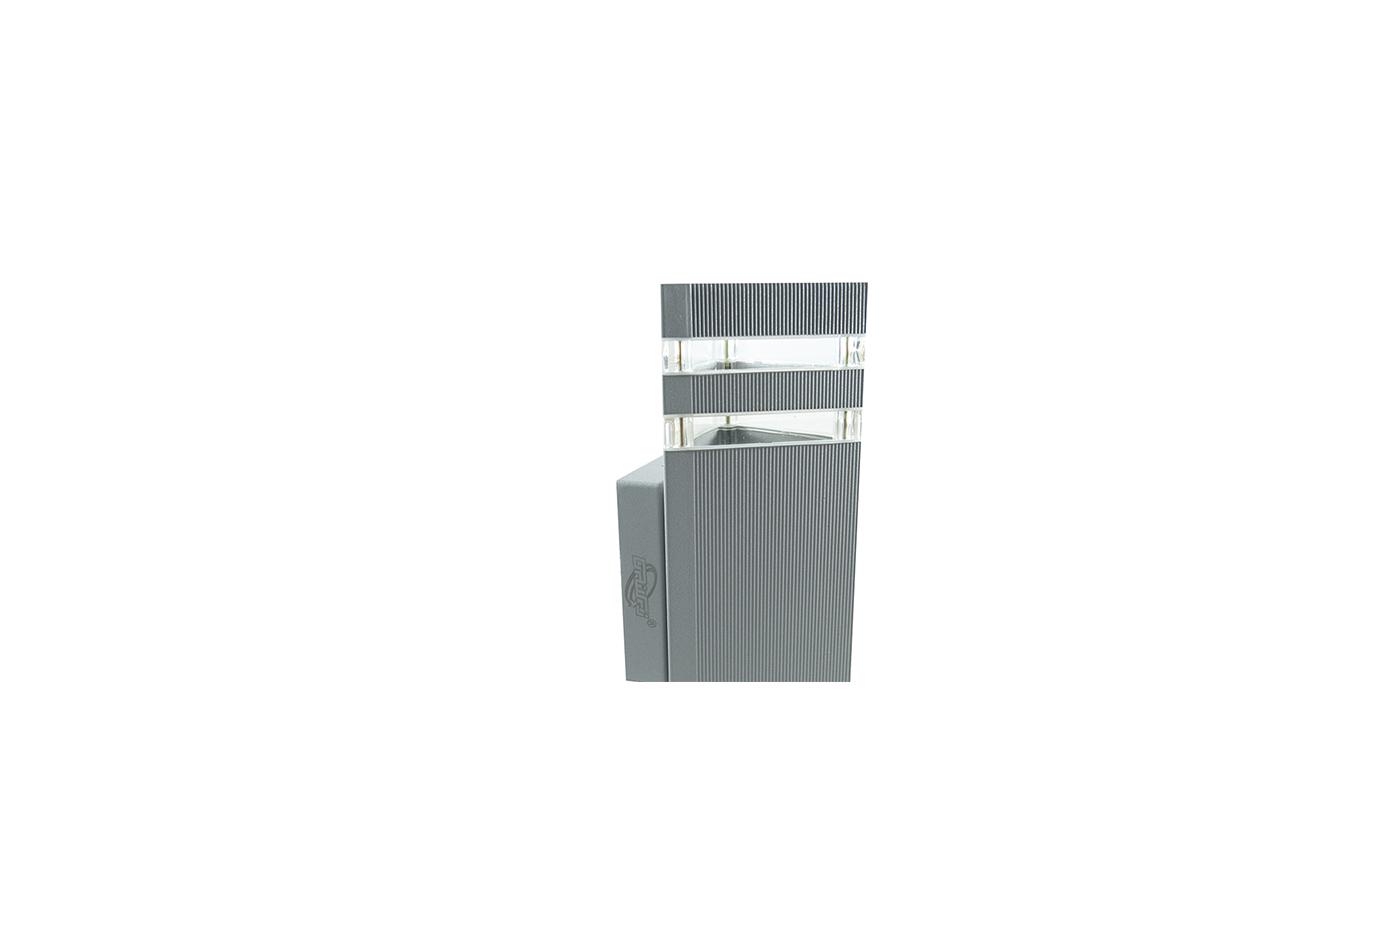 Bes applique beselettronica applique esterno grigio